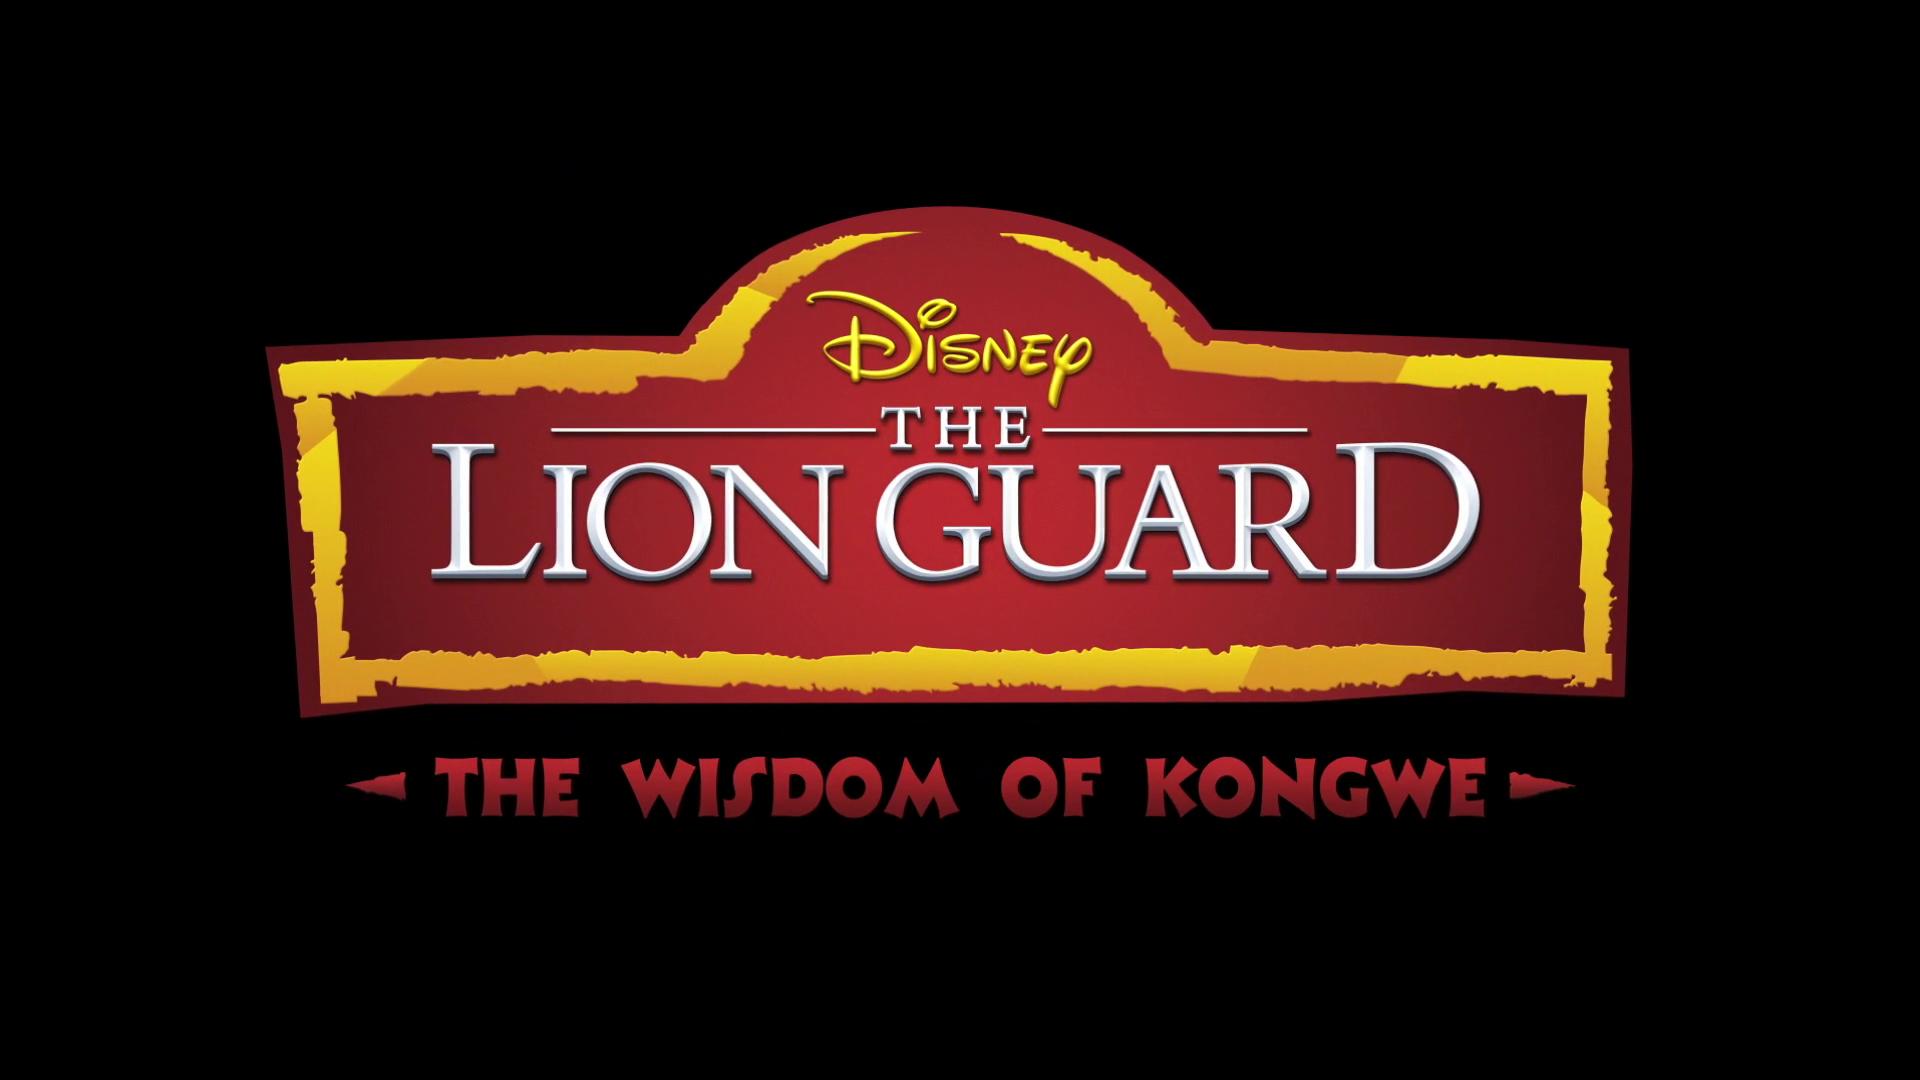 The Wisdom of Kongwe